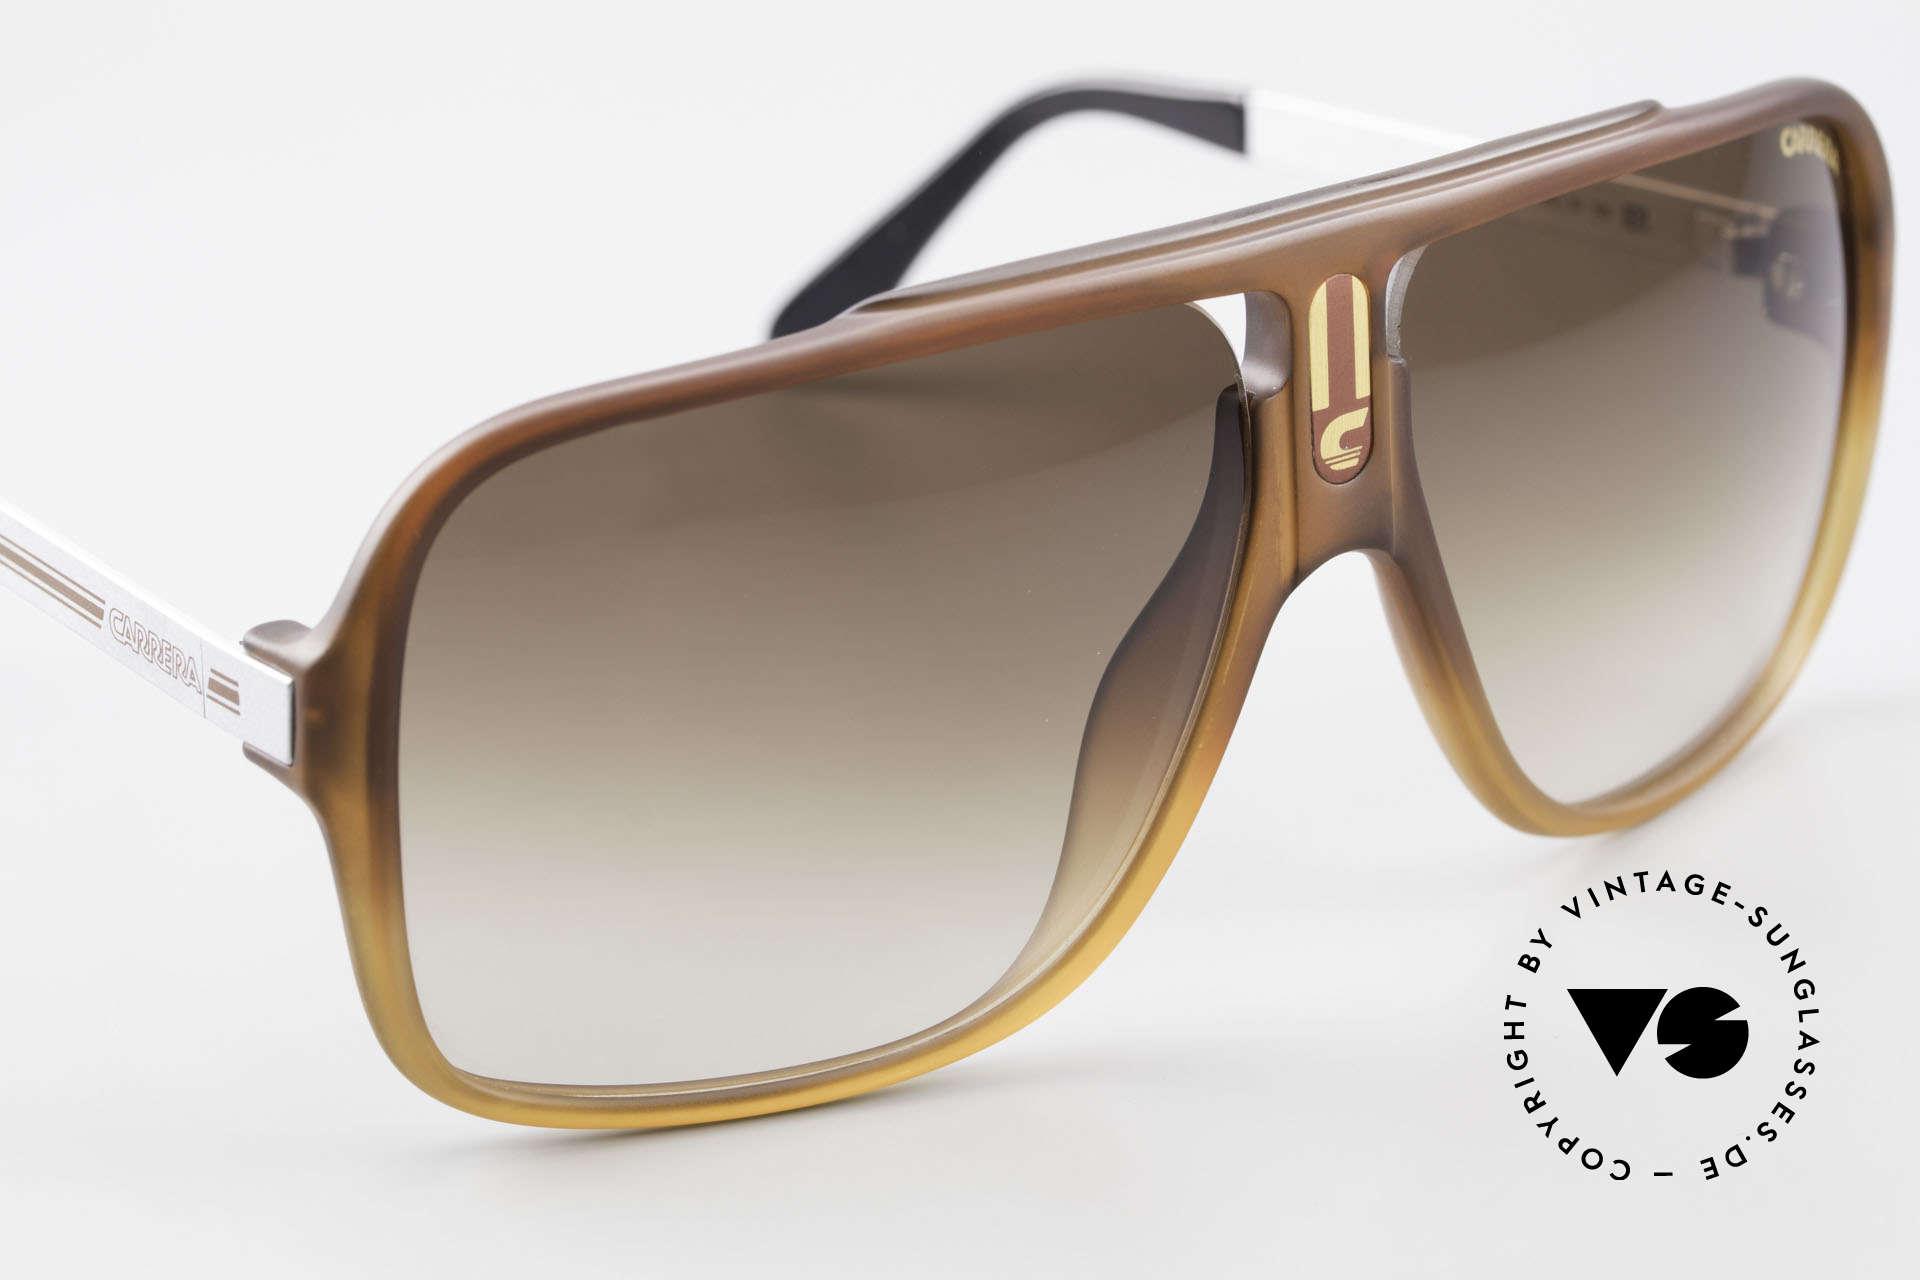 Carrera 5557 Rare Vintage Shades No Retro, NO RETRO sunglasses, but a rare 35 years old Original, Made for Men